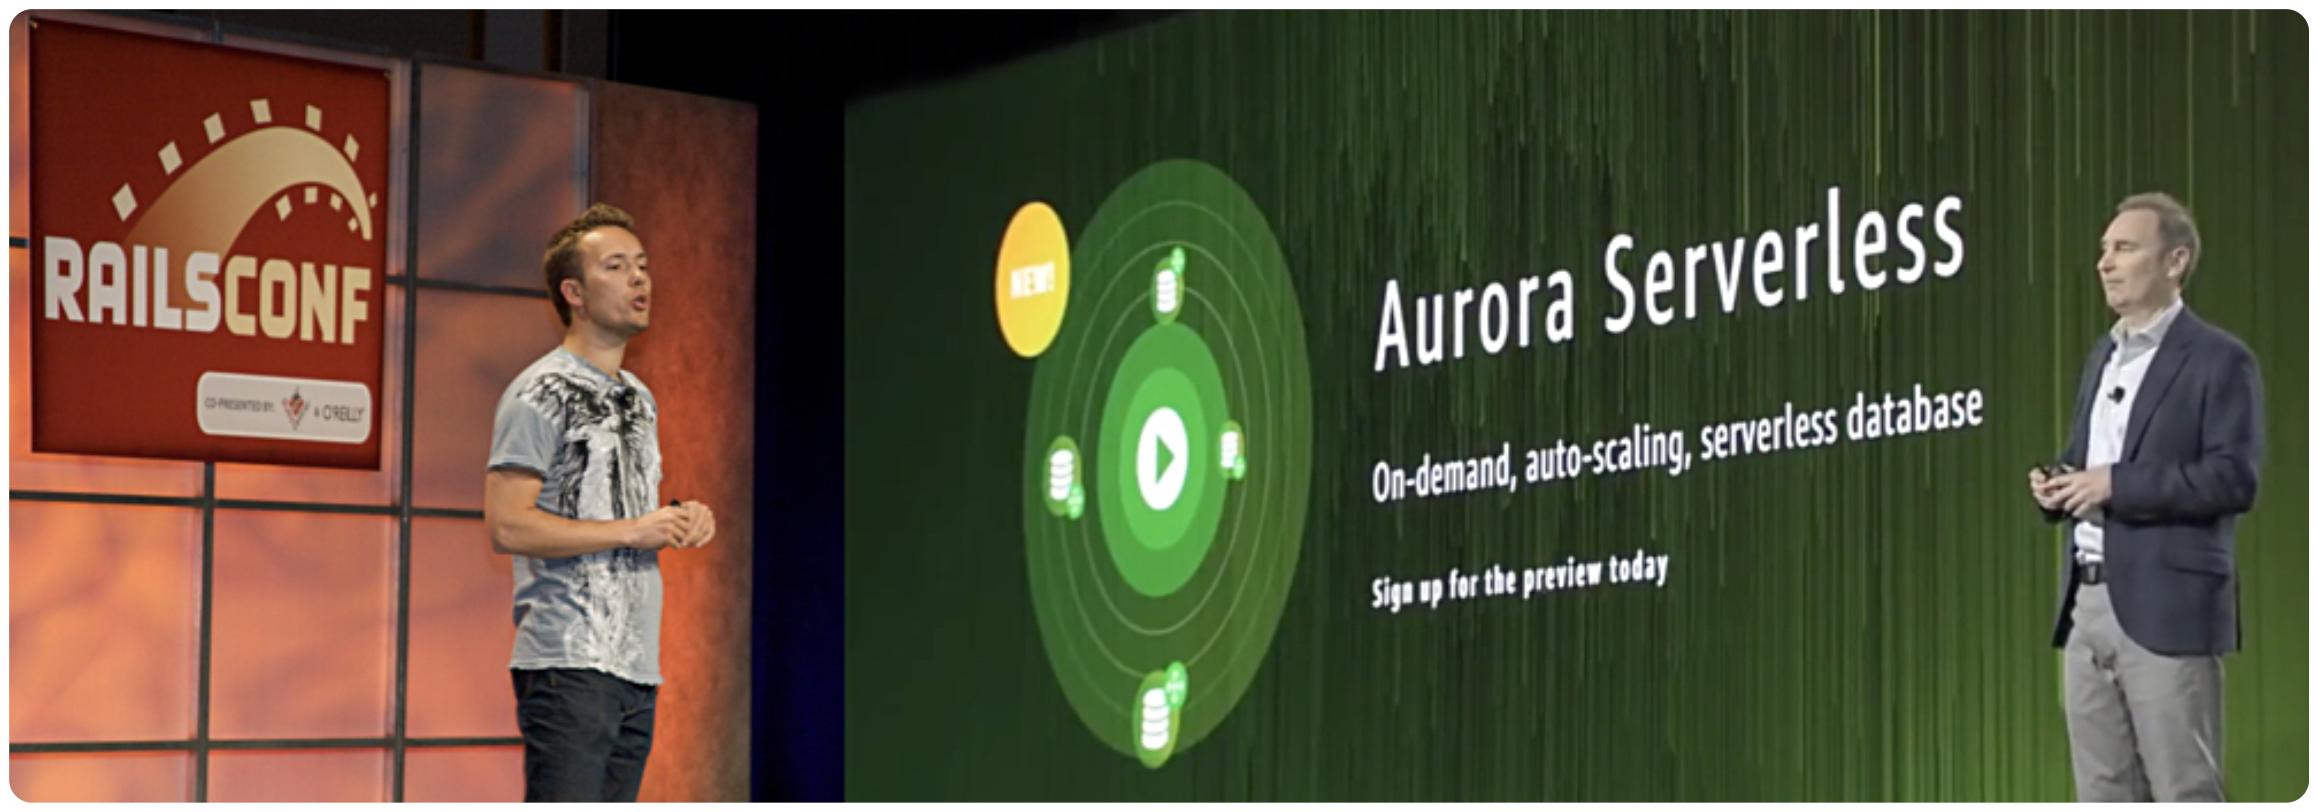 Aurora Serverless on Rails